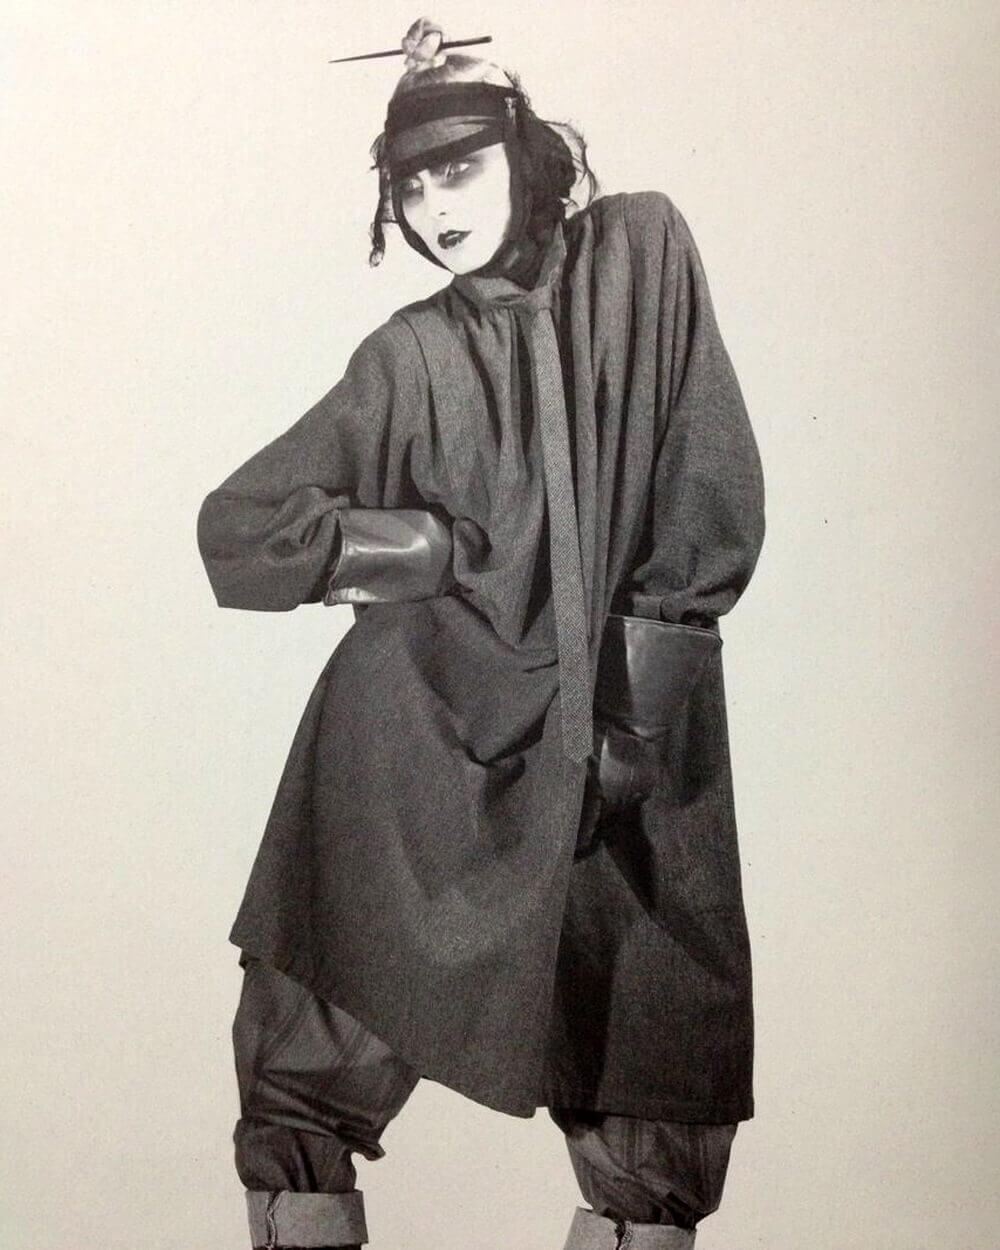 Rei kawakubo/Comme des Garcons S/S 1982